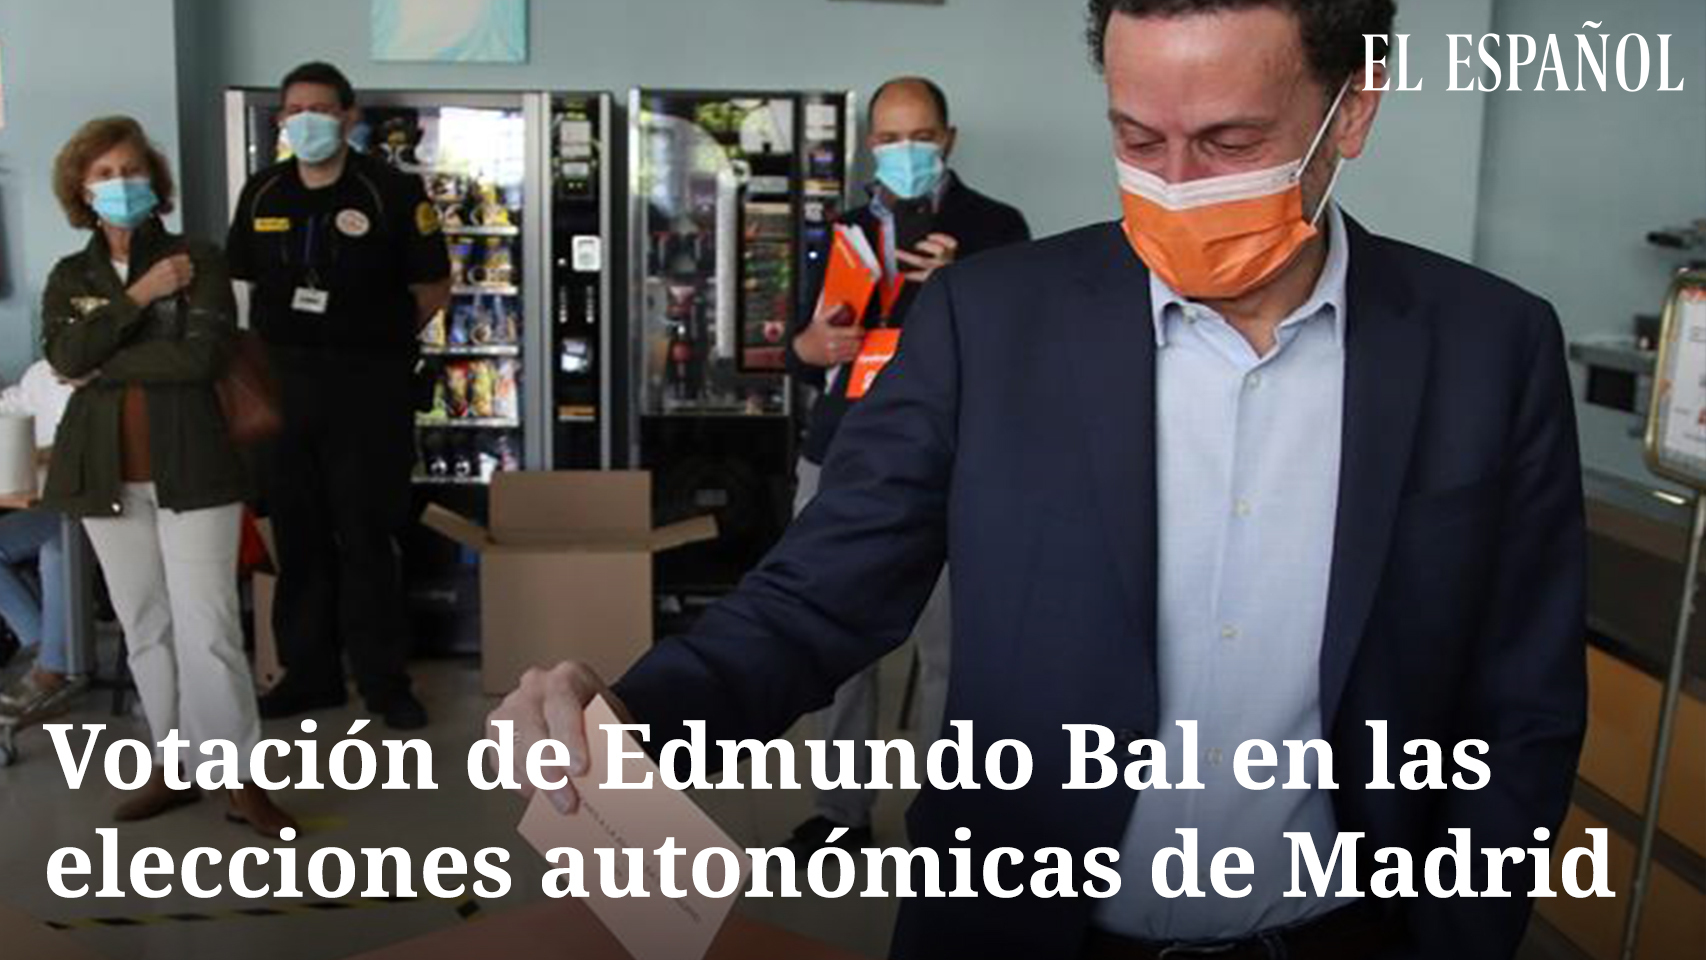 Edmundo Bal tras votar el 4M: Este partido está muy vivo y es más necesario que nunca